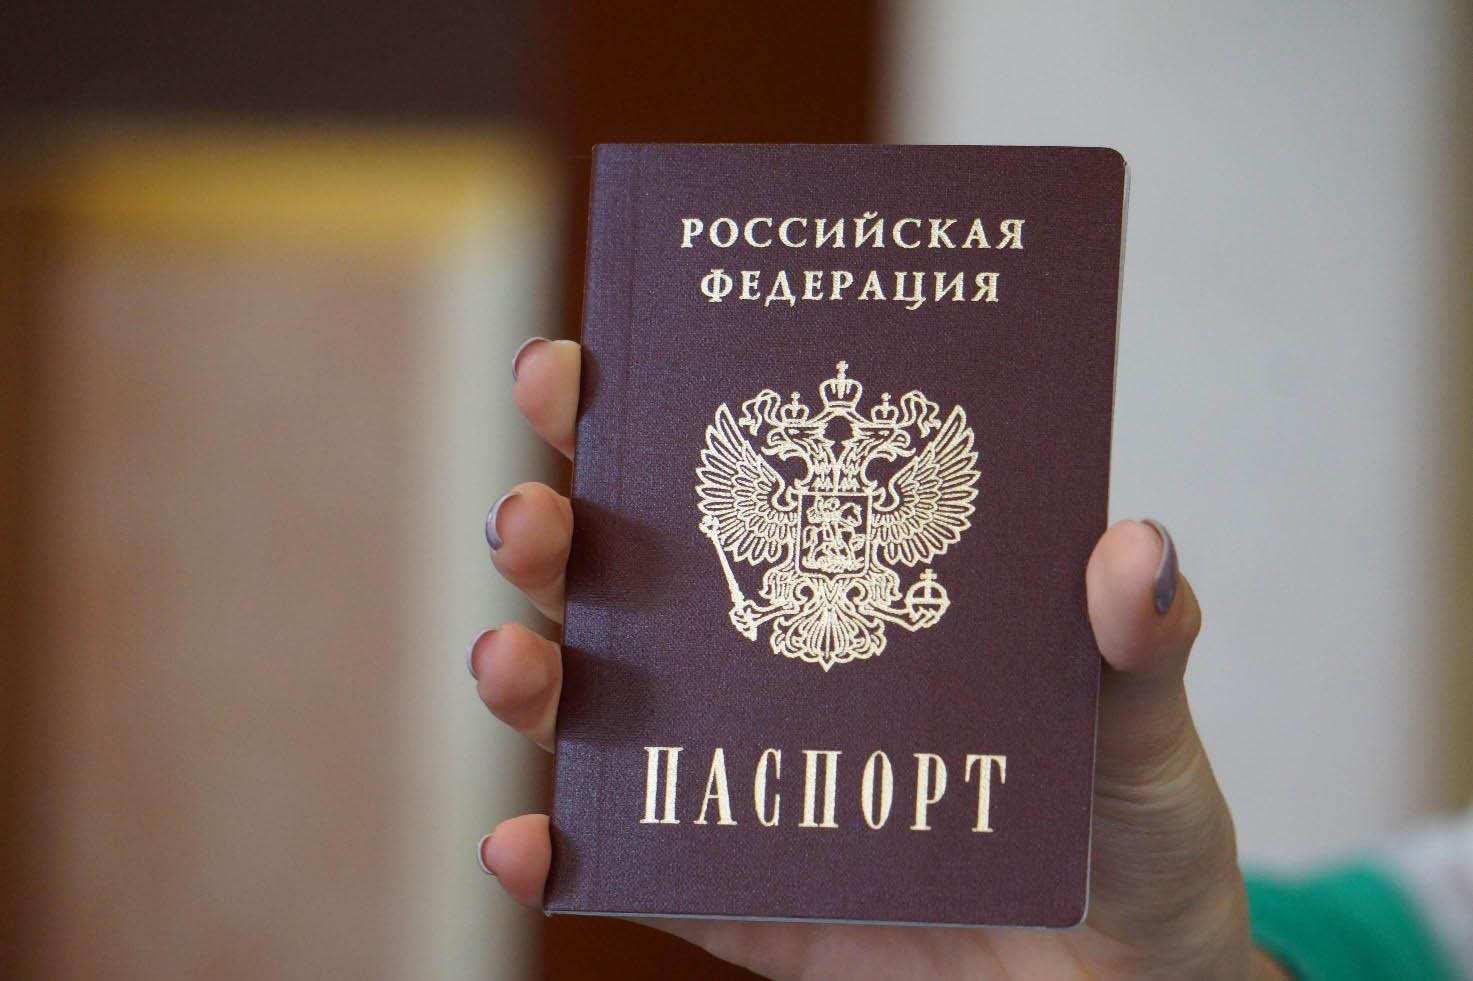 В ЛНР начался приём документов на получение российского гражданства (ВИДЕО) | Русская весна